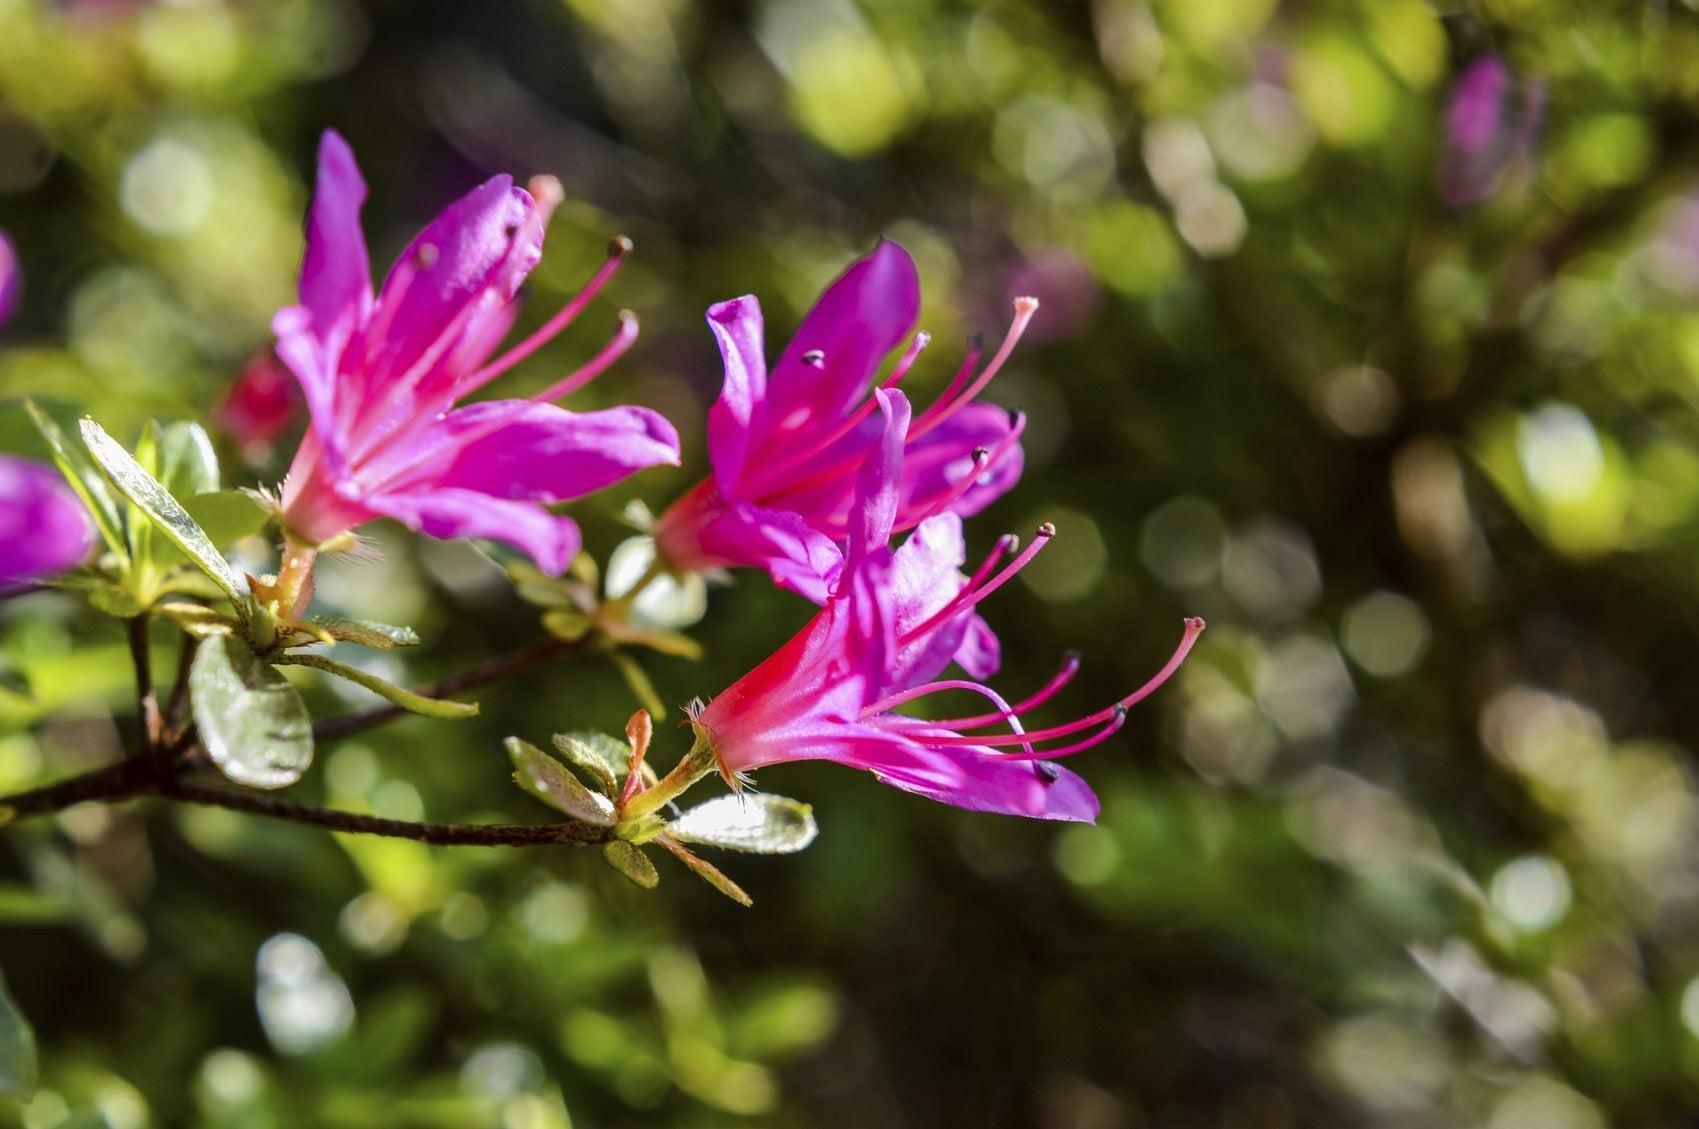 Azalea Plant Propagation Growing Azalea Plants From Cuttings